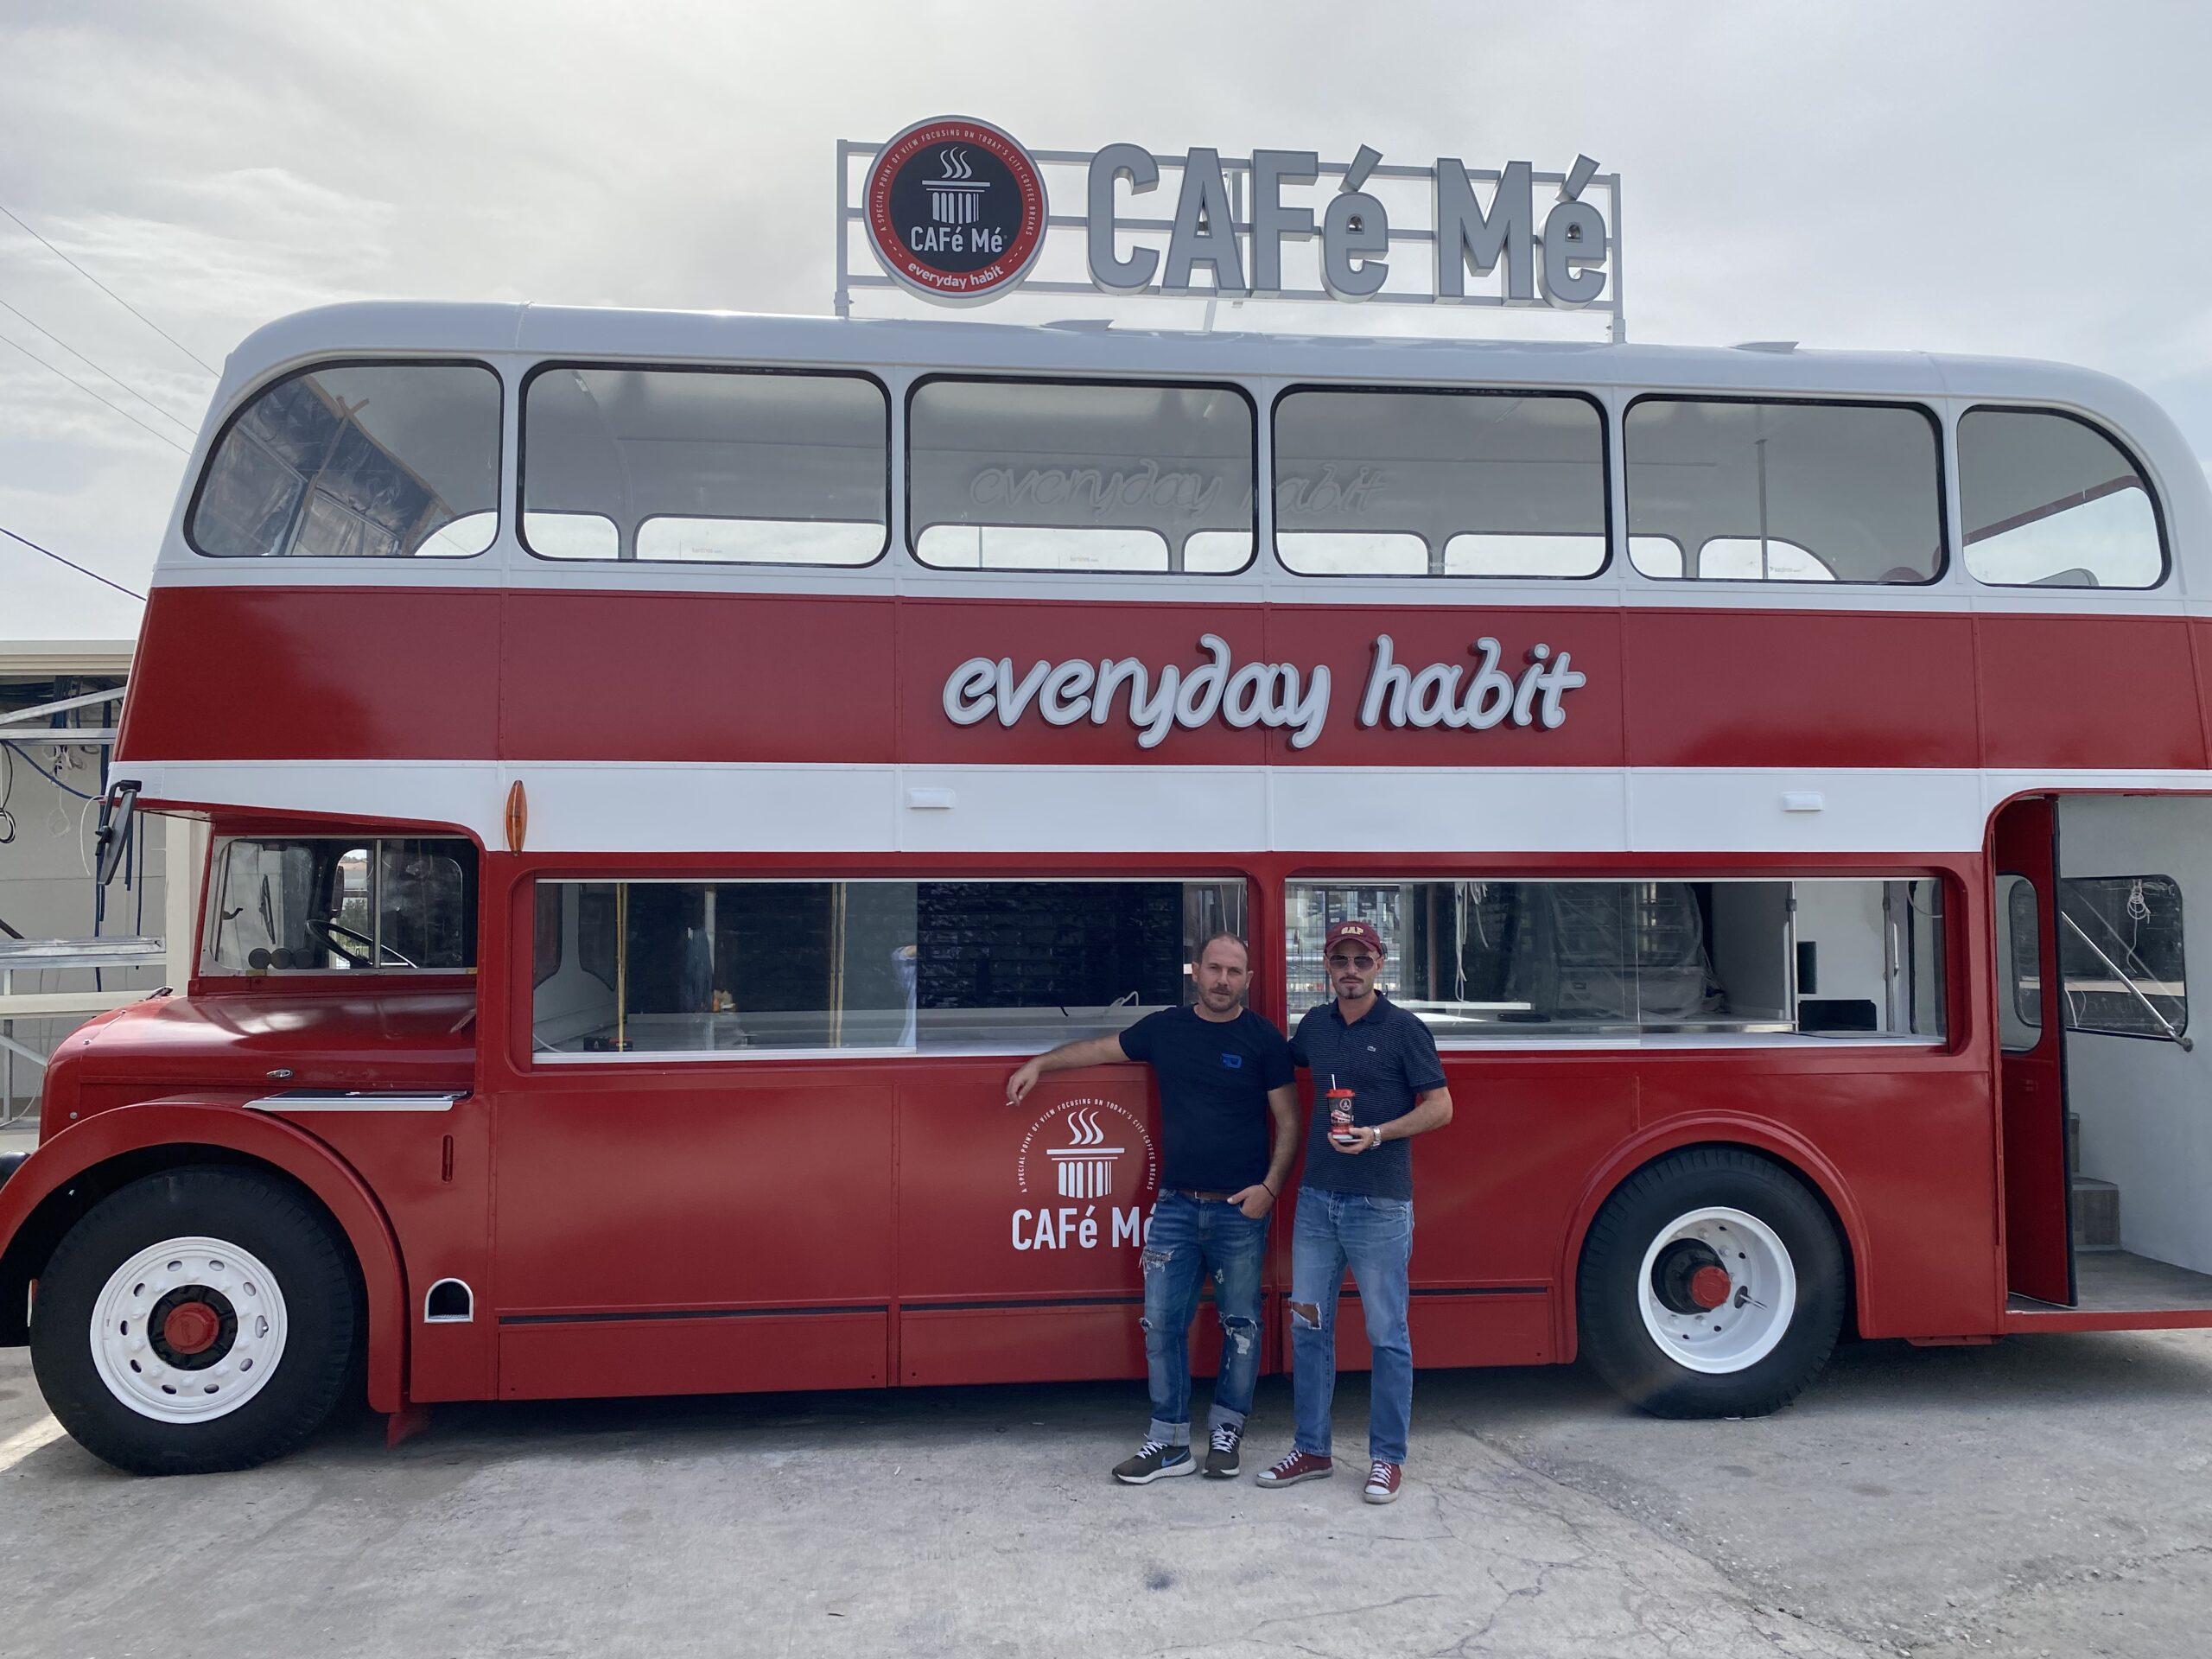 Λάρισα: Red Bus: Η νέα 2όροφη καντίνα των CAFe Me